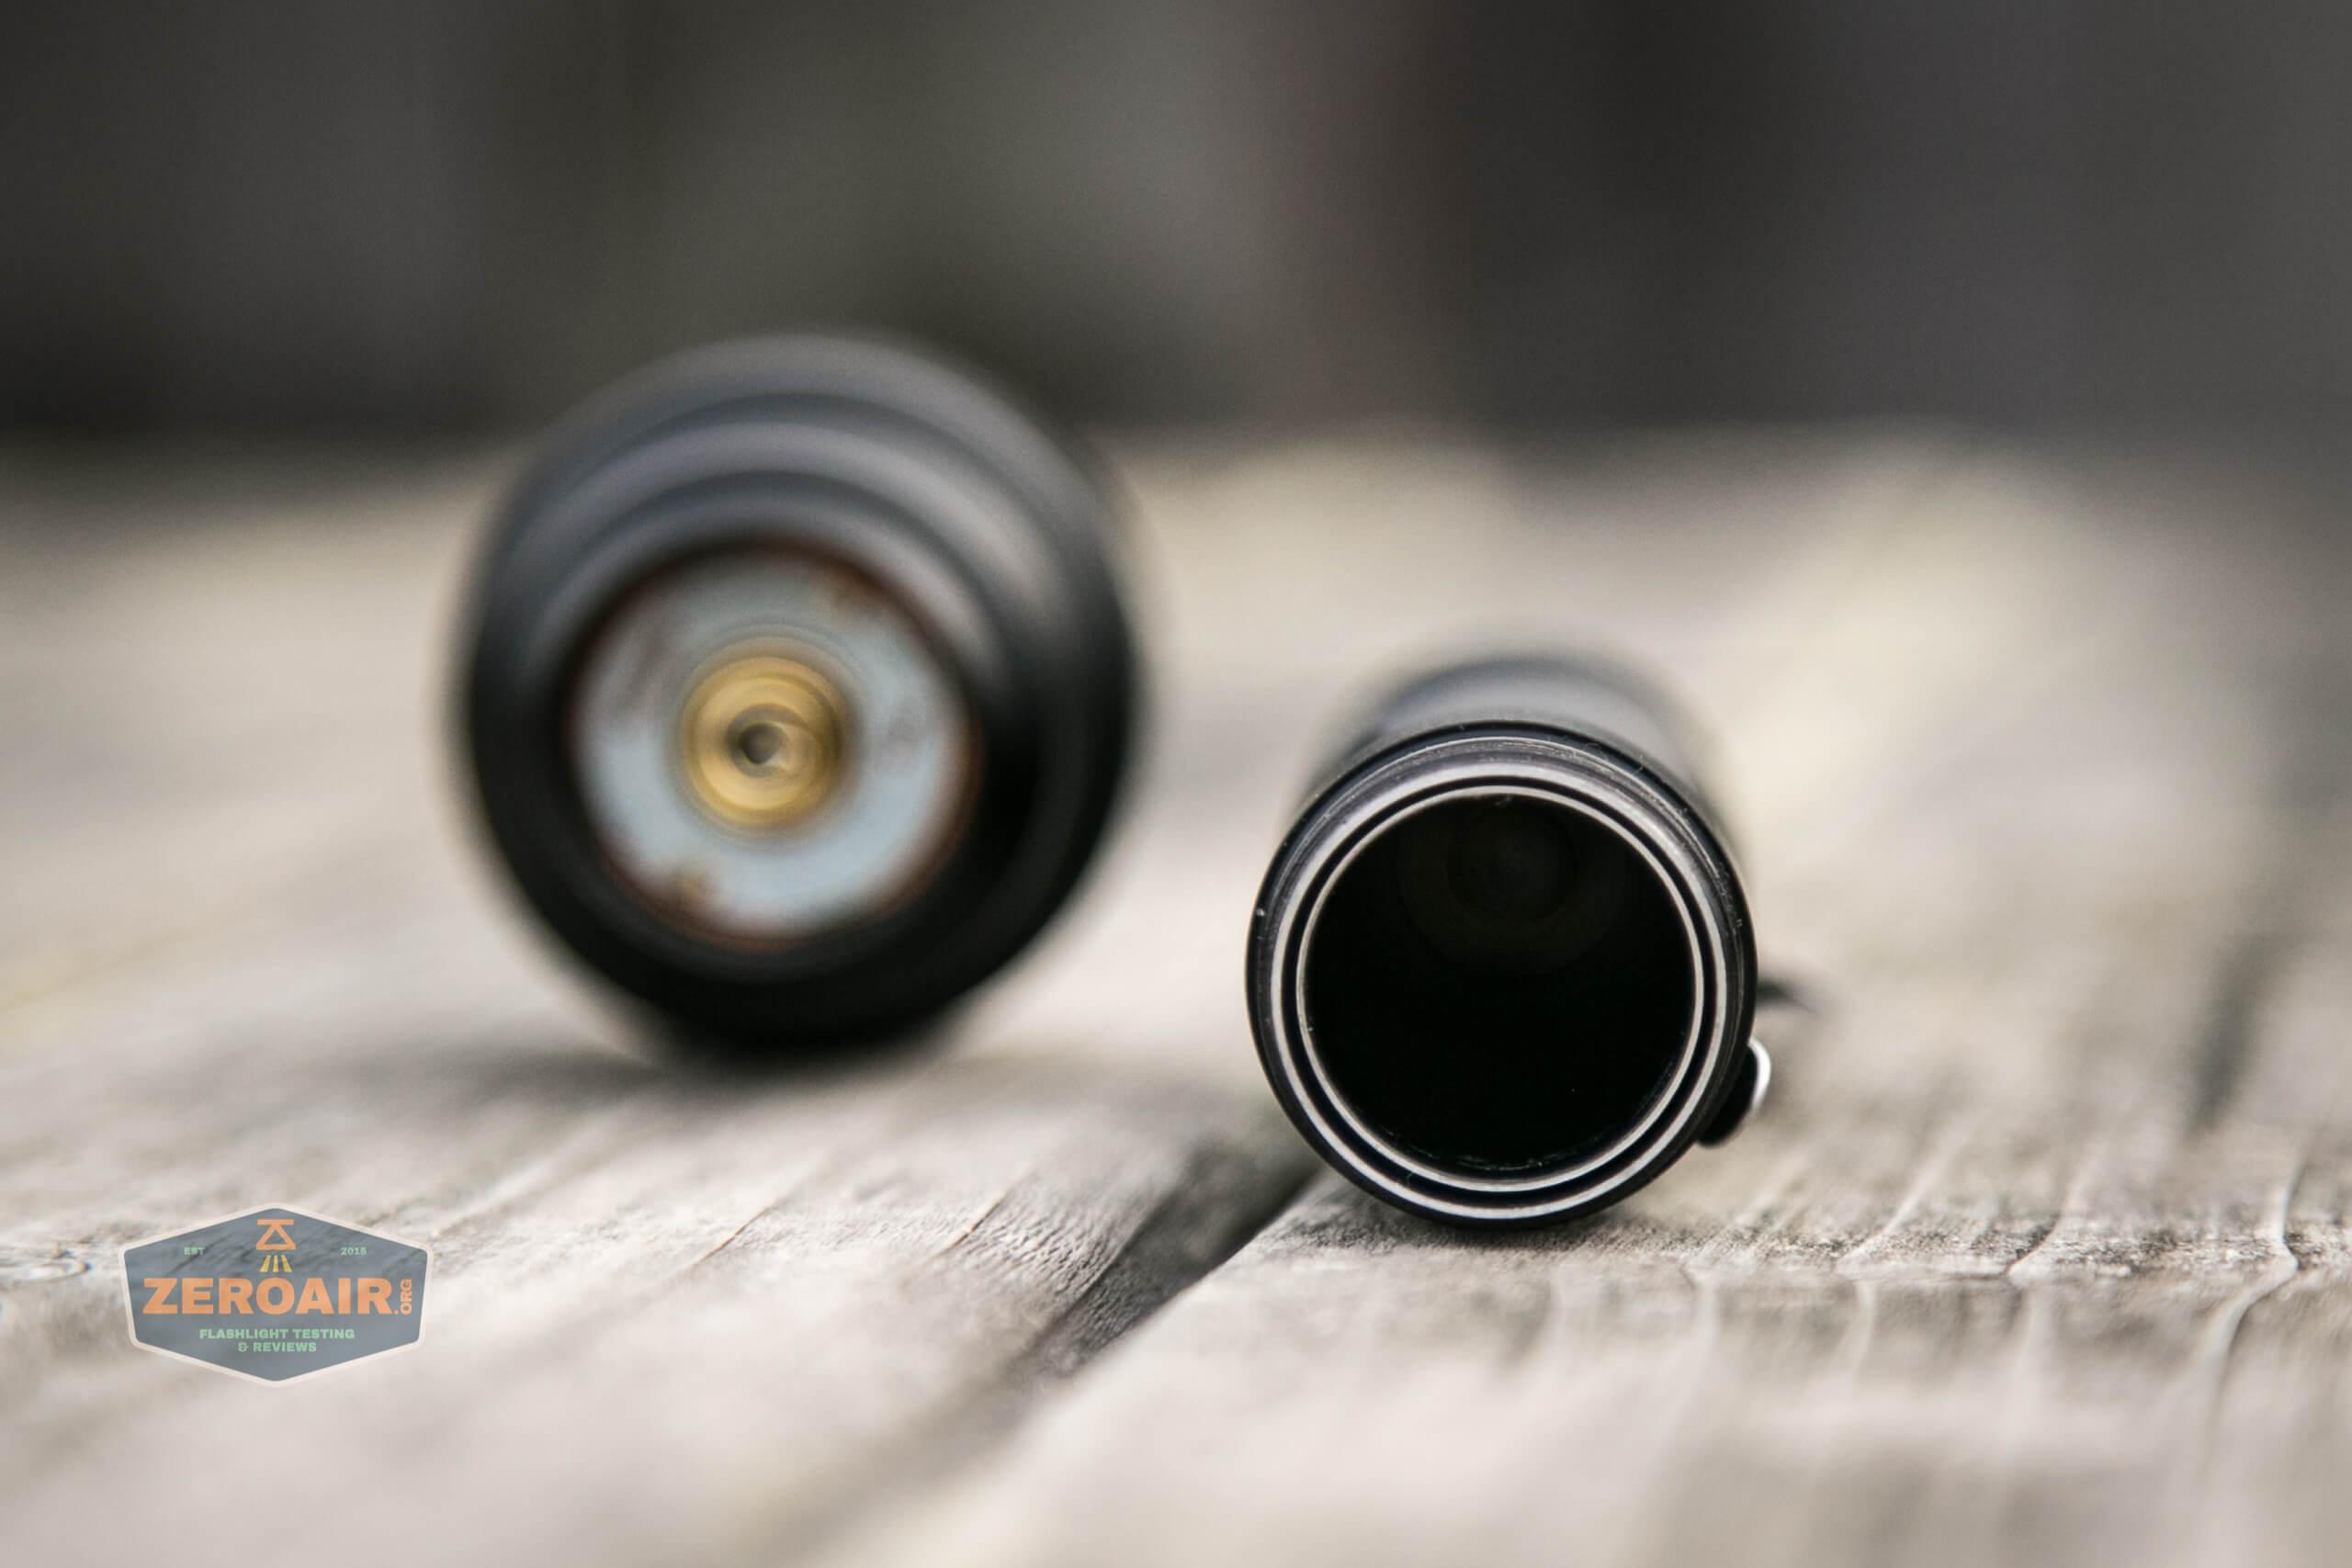 Manker MC13 thrower flashlight 18350 cell tube sleeve